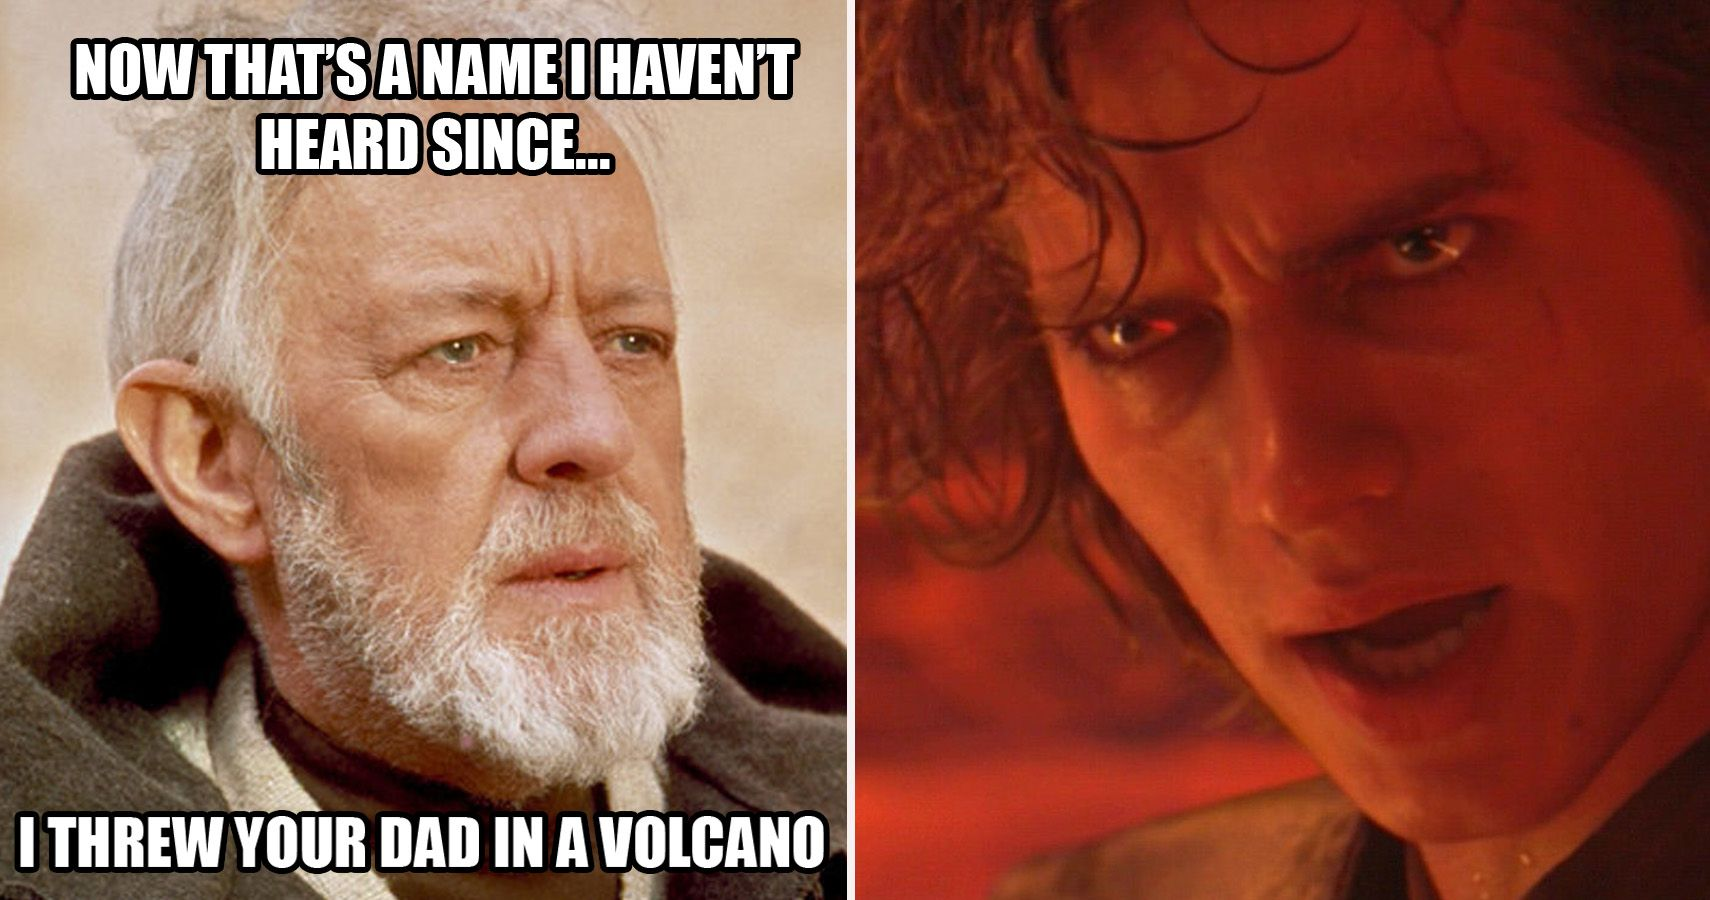 volcano-meme.jpg